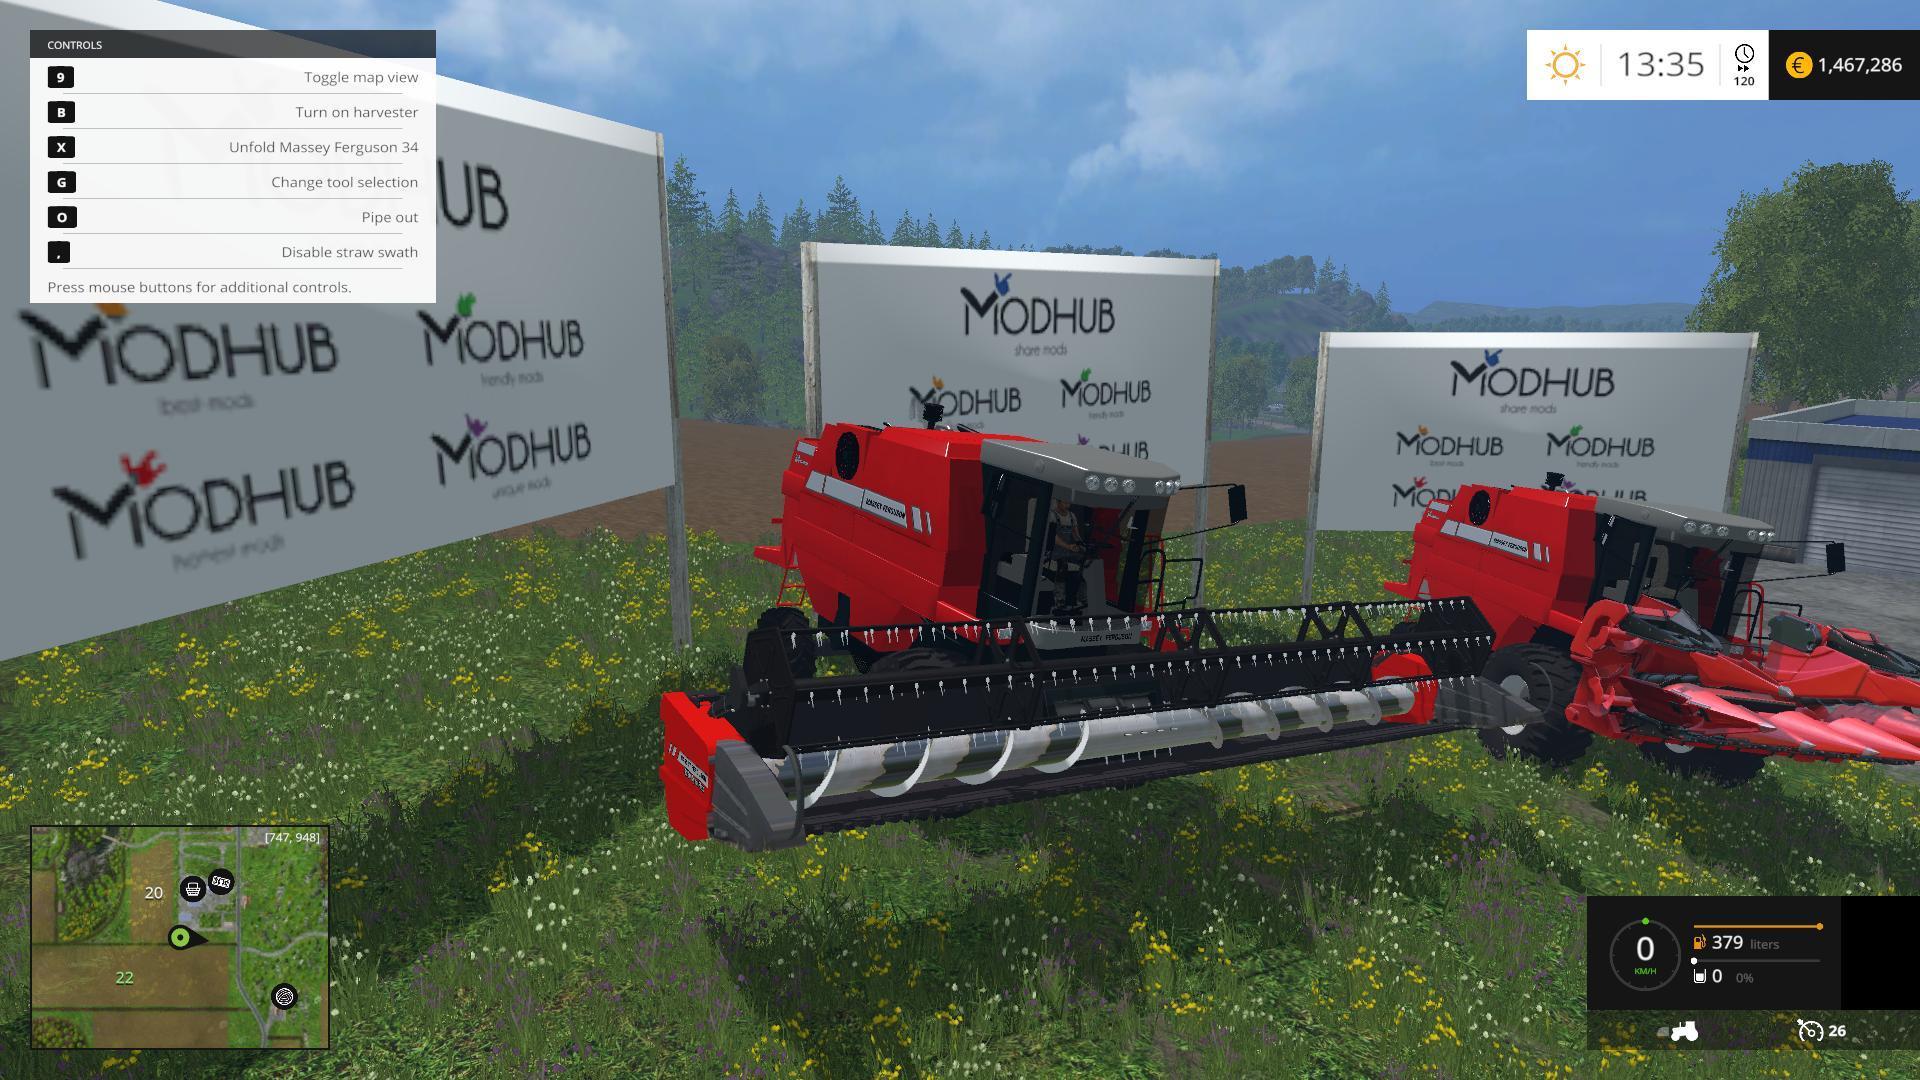 M | Farming simulator 17 mods | Farming simulator 15 mods - Part 962